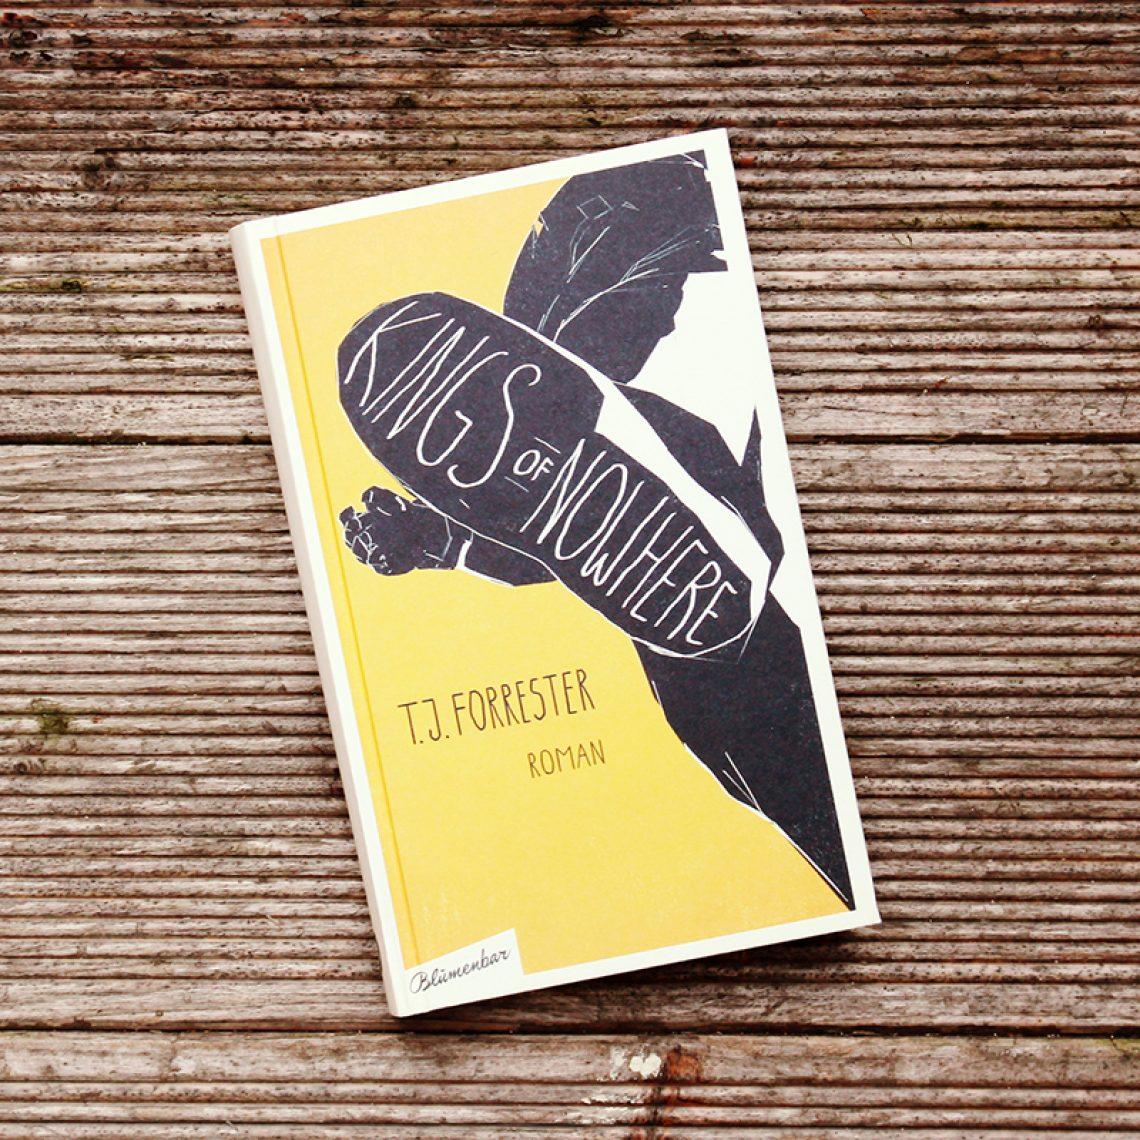 T.J. Forrester - Kings Of Nowhere